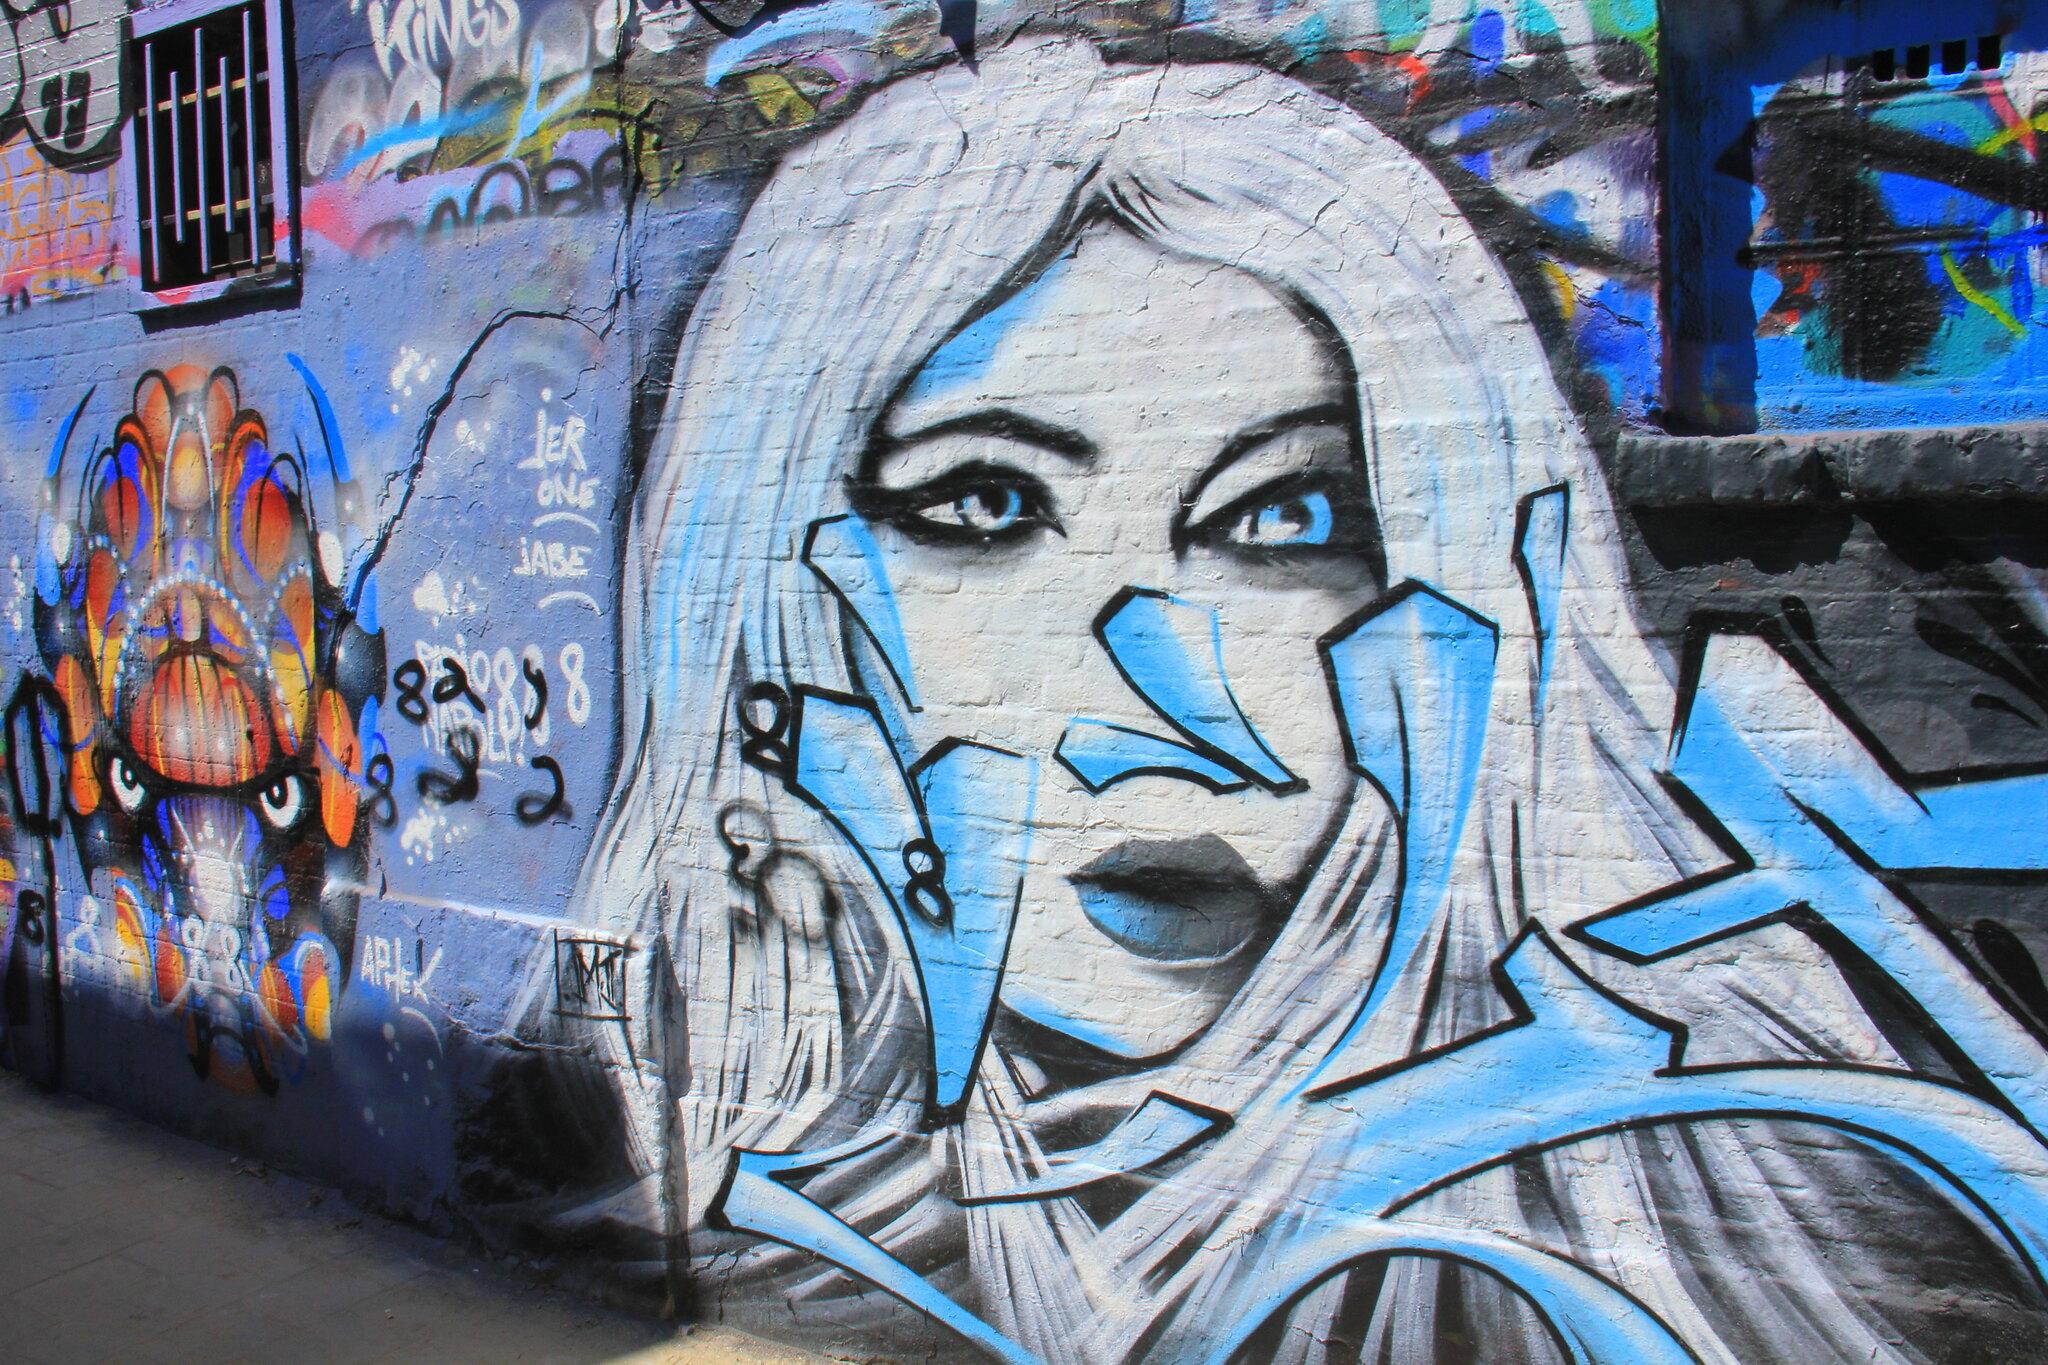 Ghent street art is bold